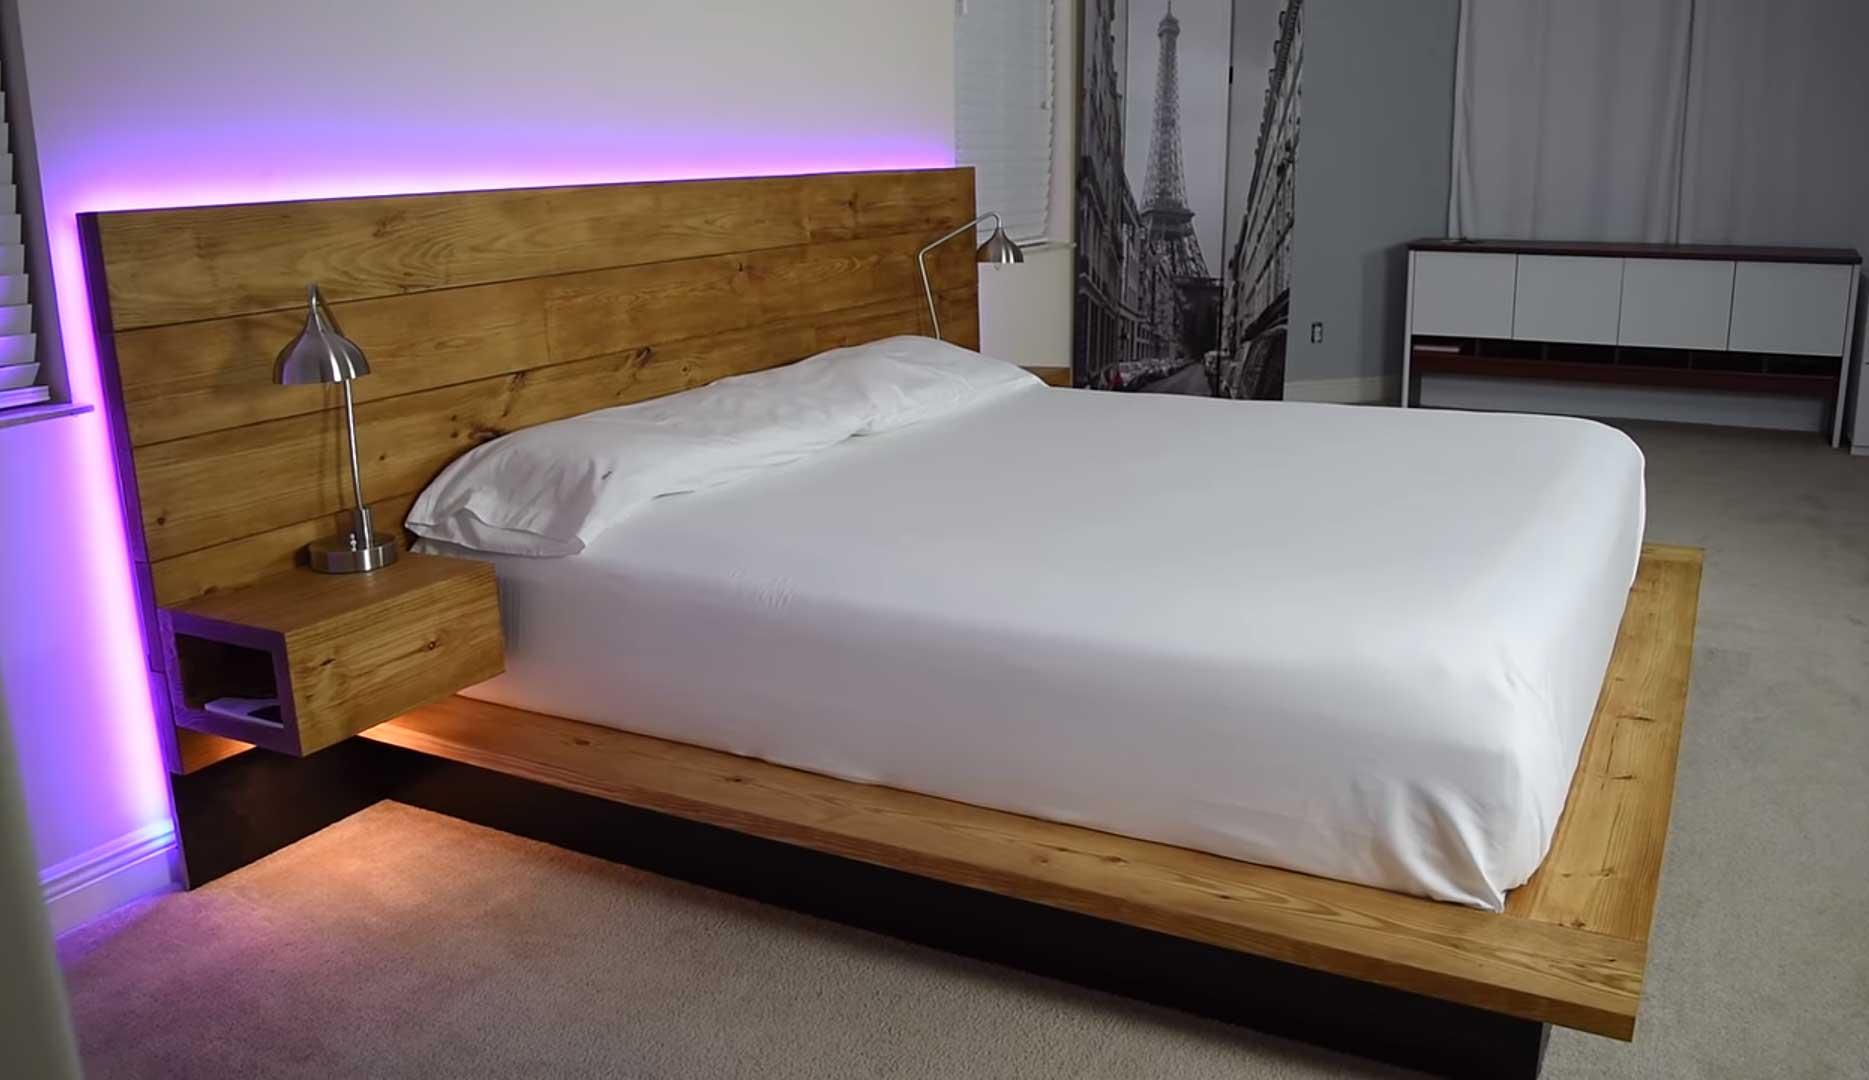 ágy készítés DIY kreatív - profi ágy háttámlával éjjeli szekrény és rejtett világítás beépítéssel